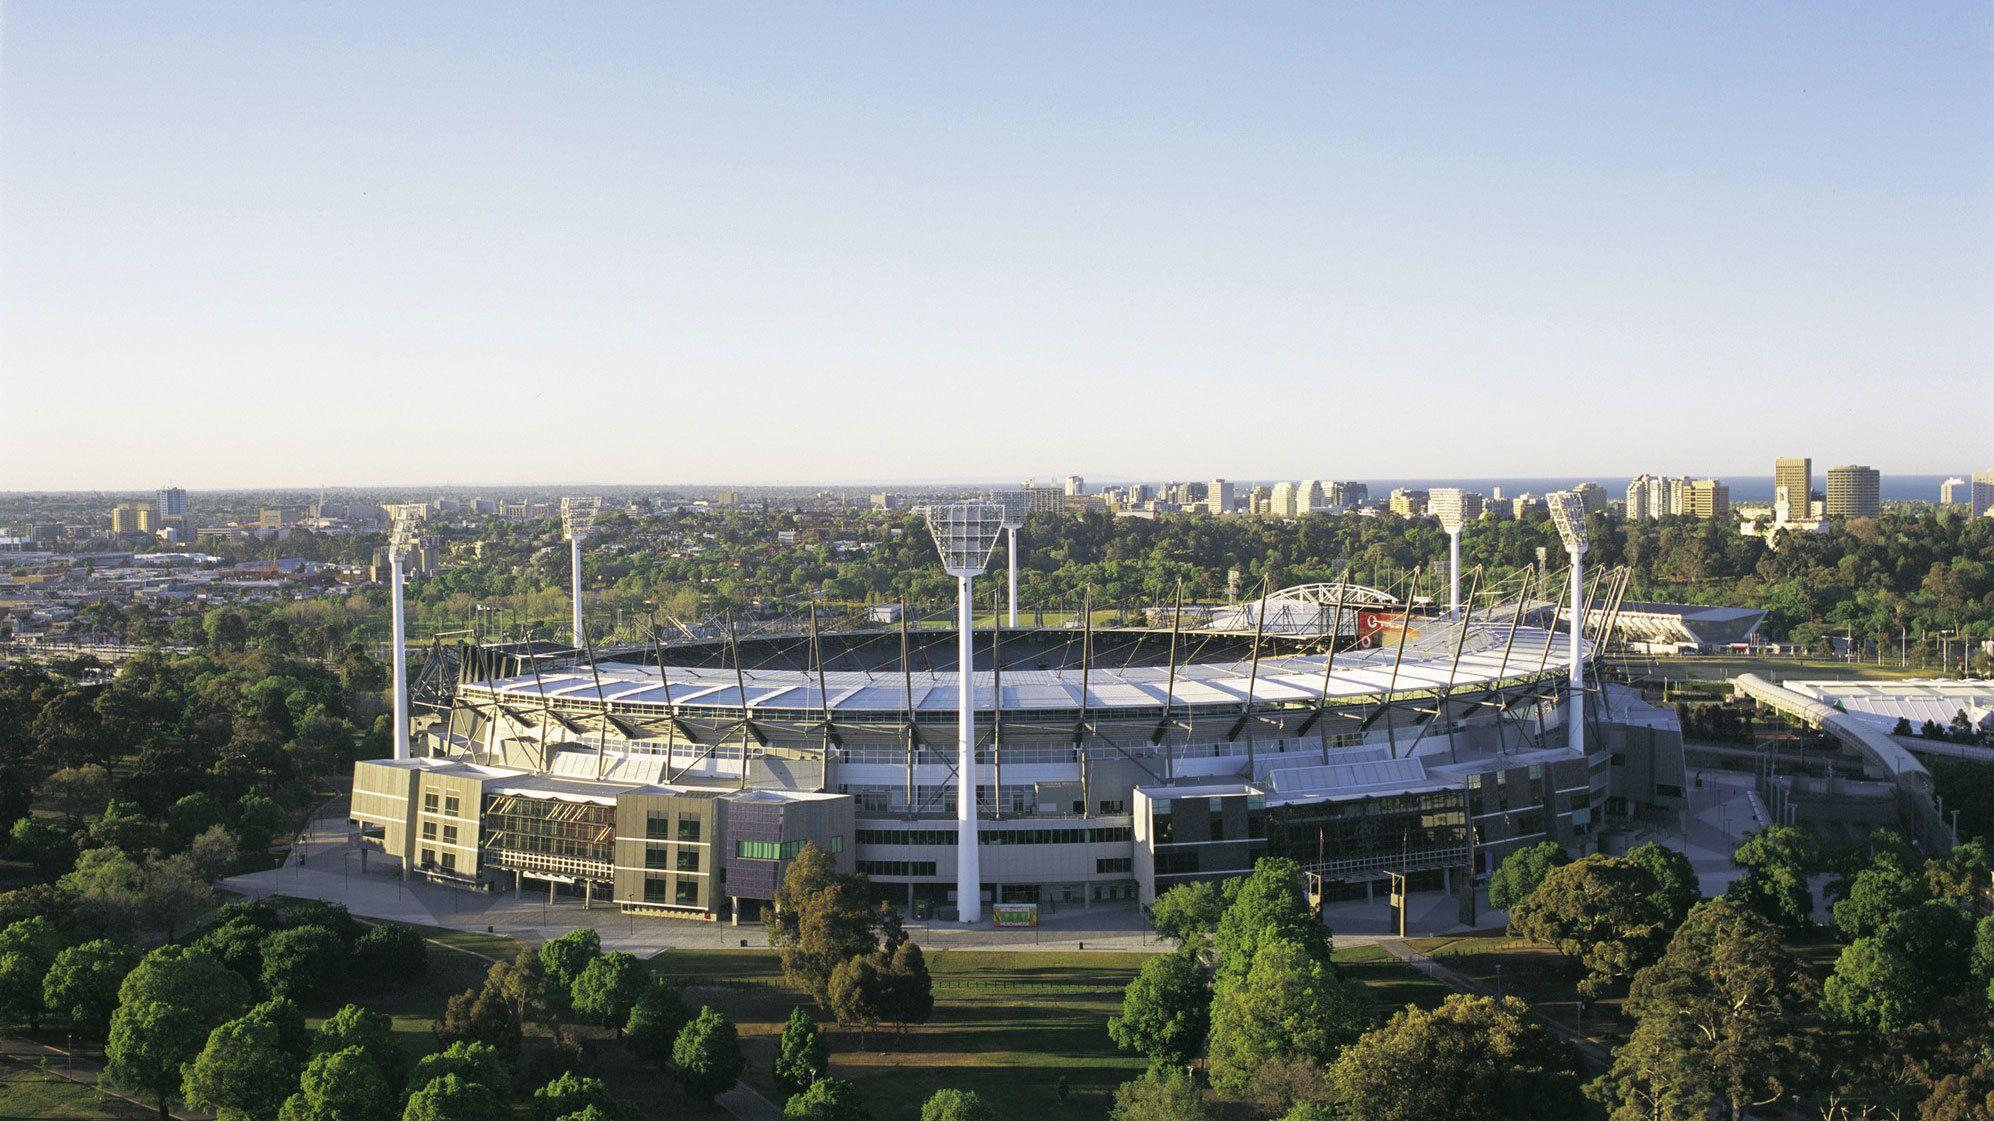 MCG Stadium in Melbourne